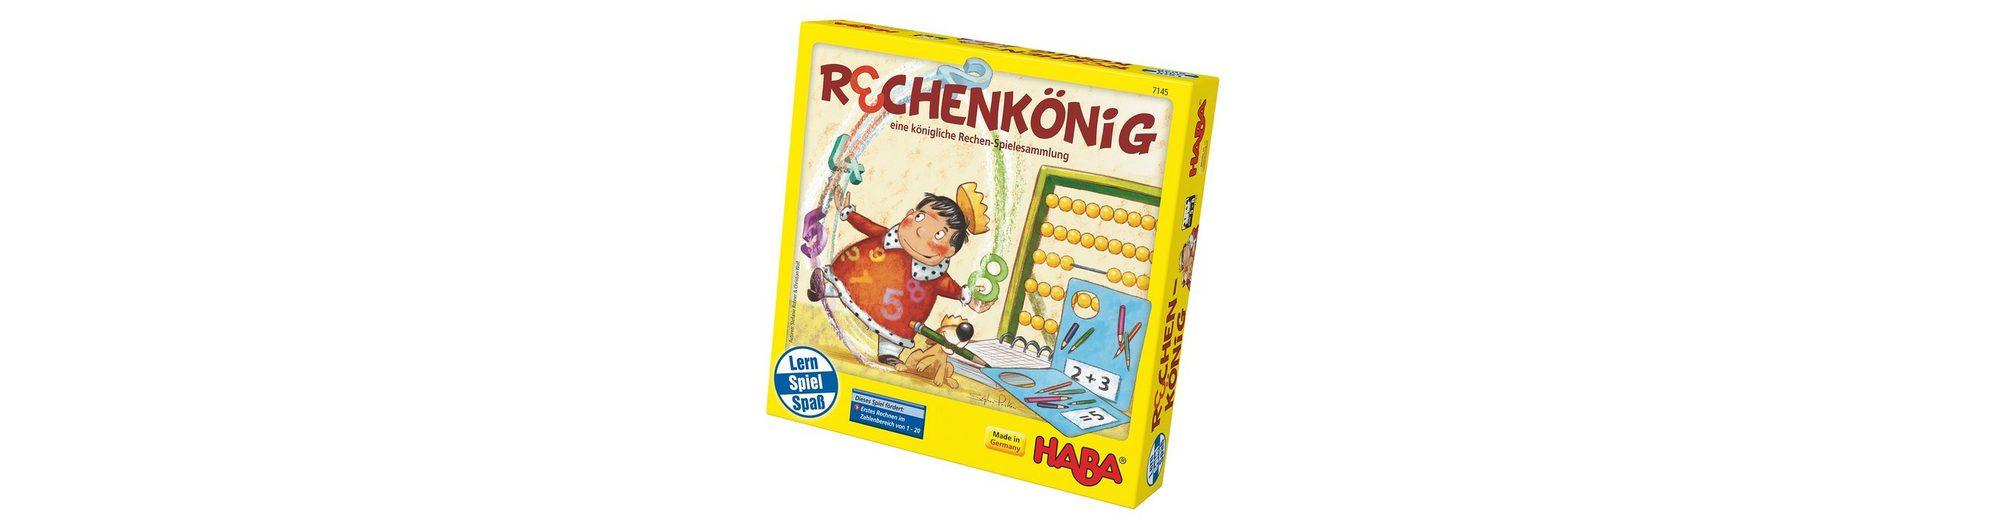 HABA® Lern-Spiel, »Rechenkönig«